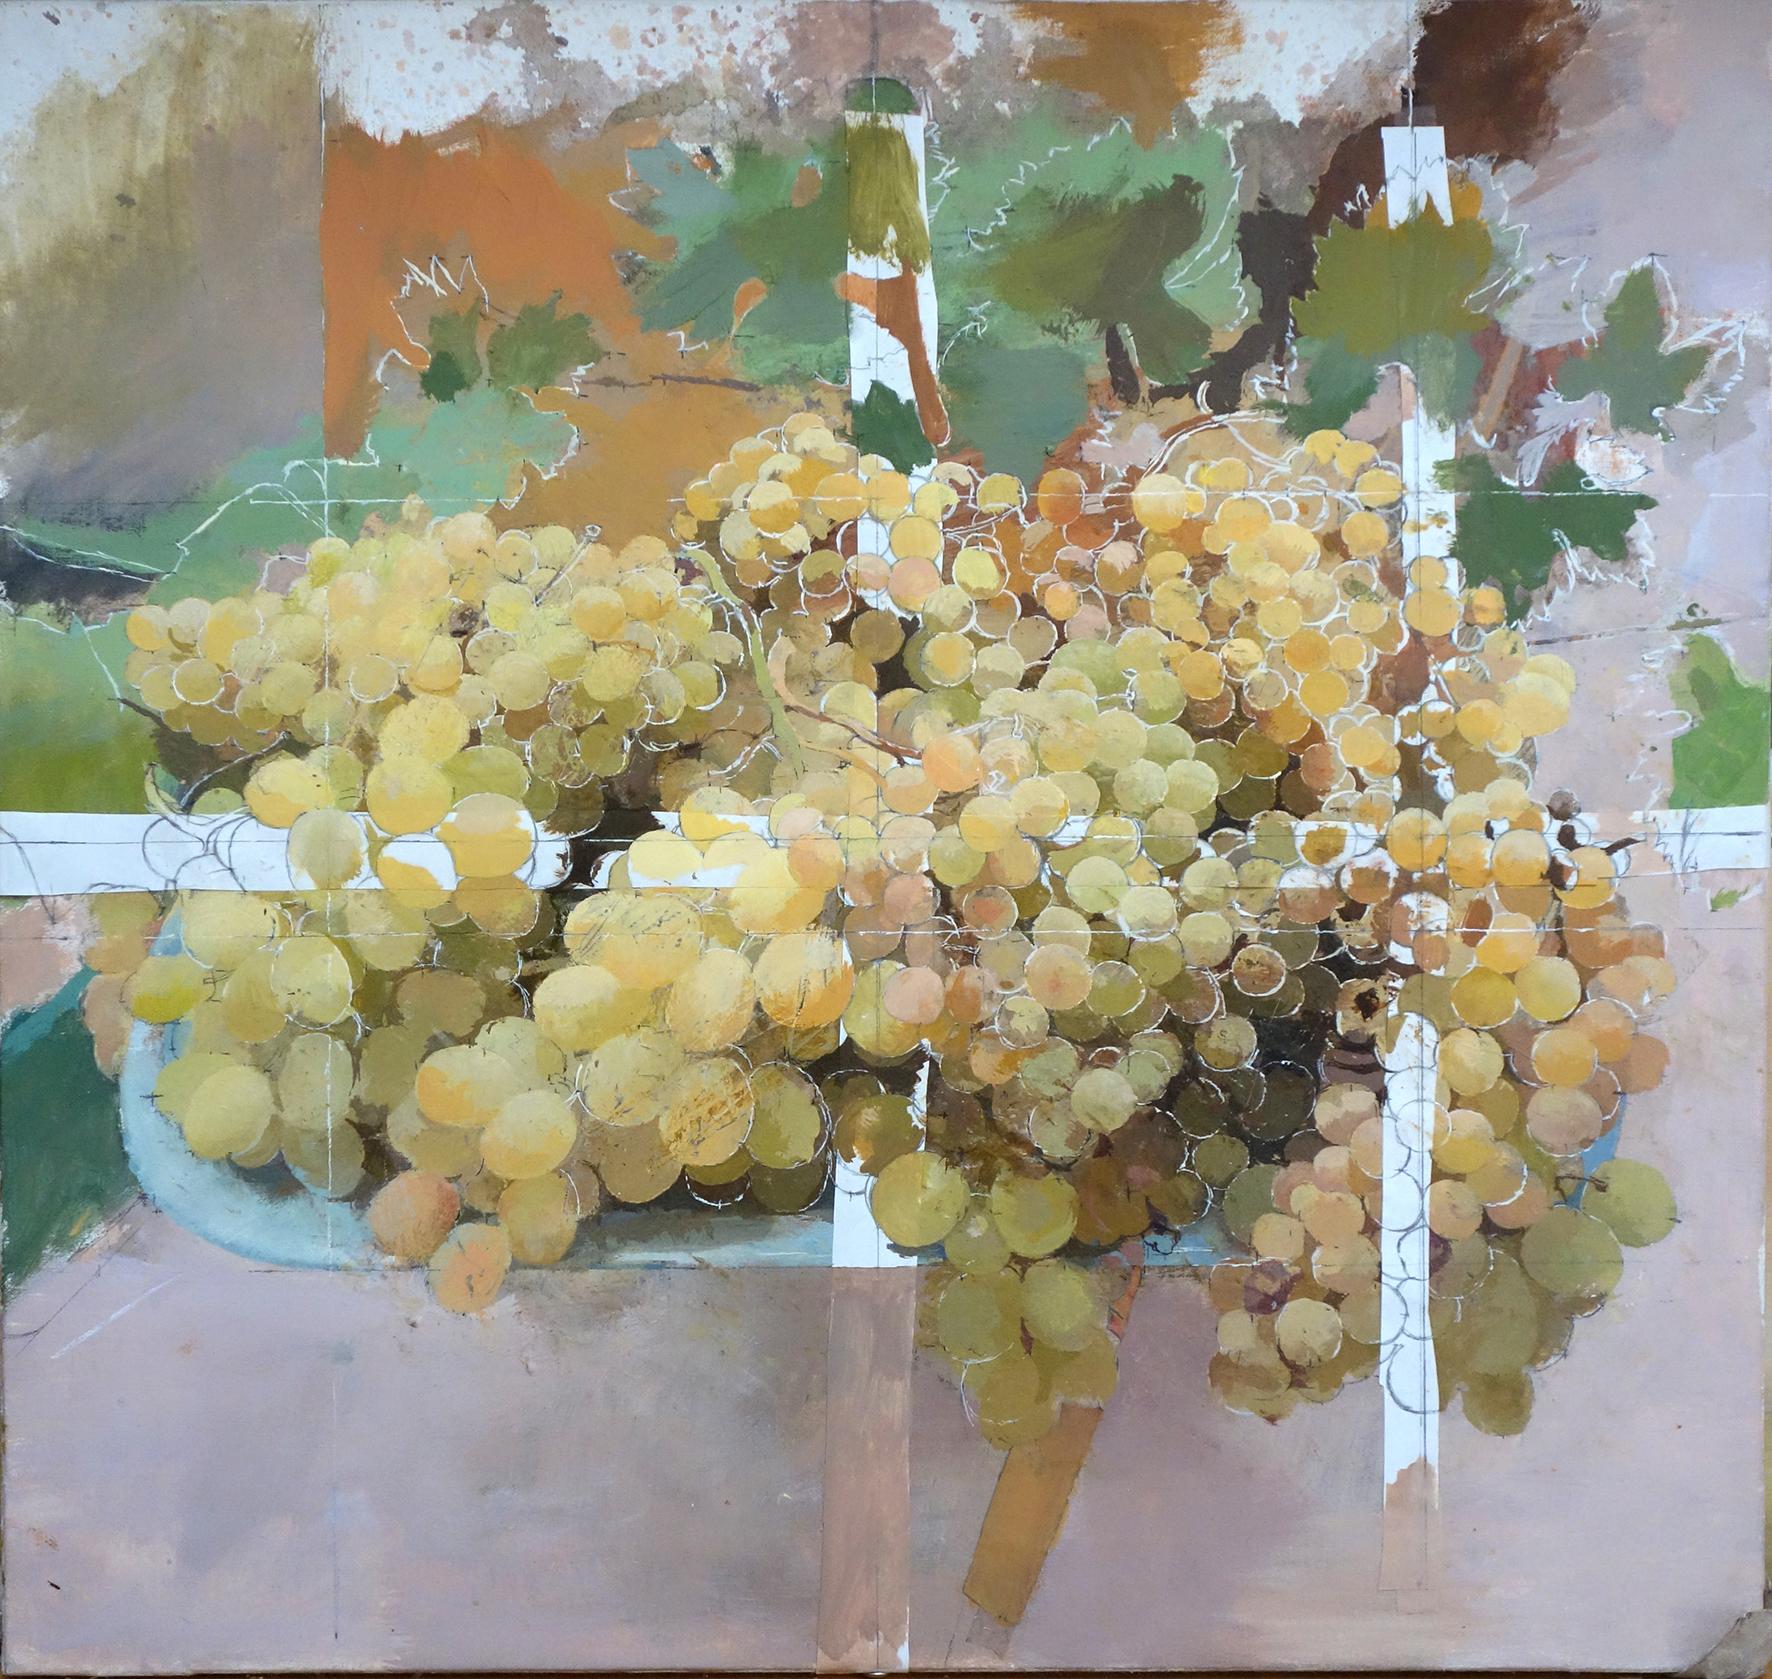 Antonio López, Uvas doradas 1, 2017, óle